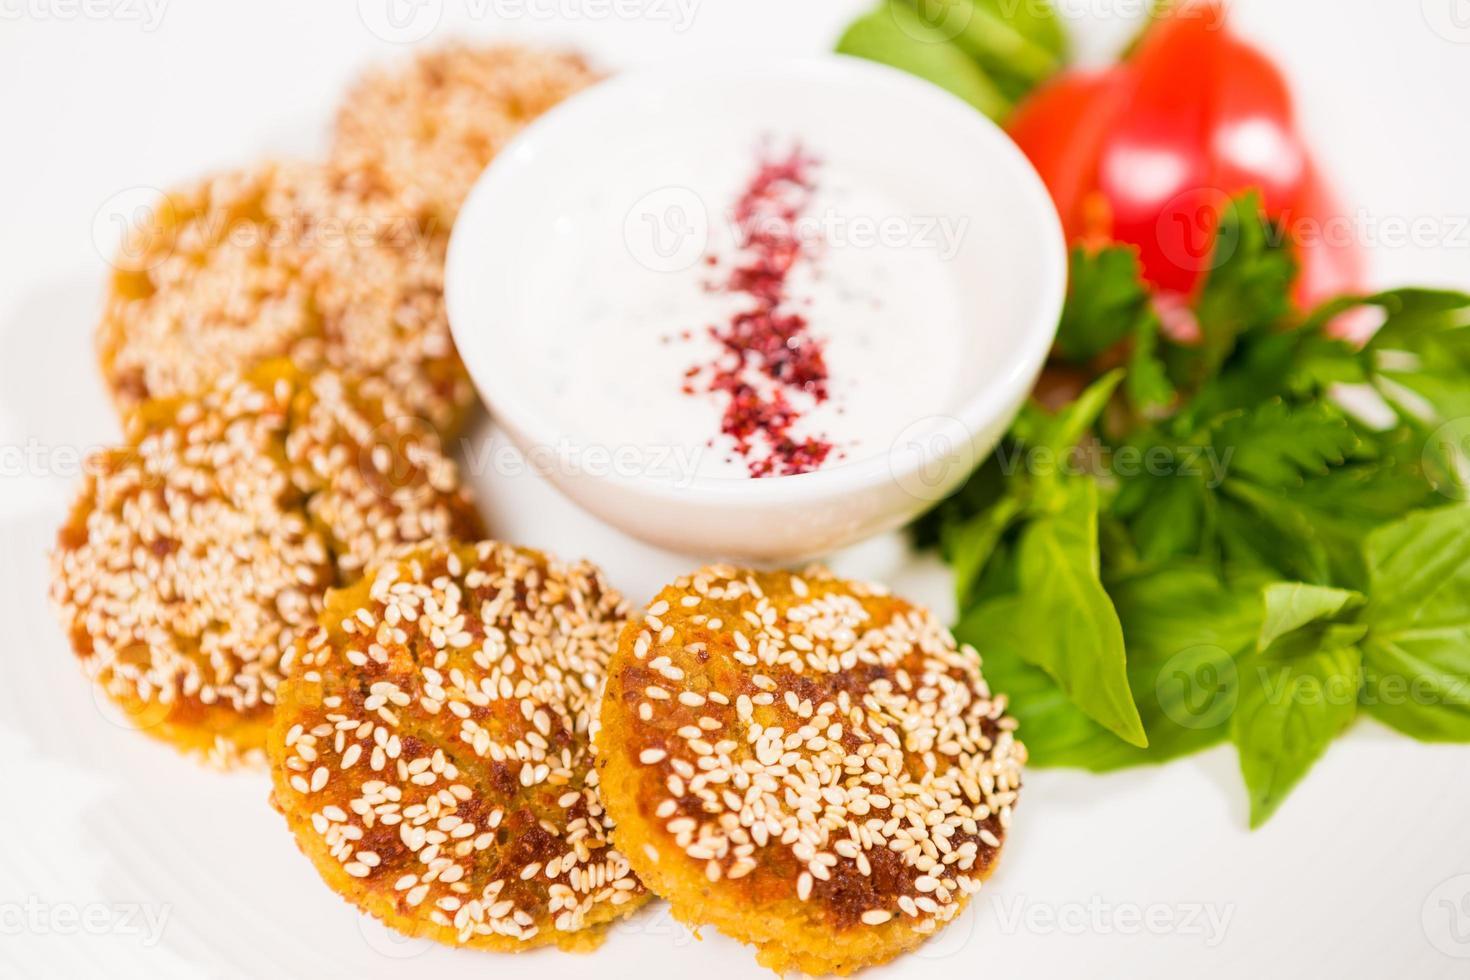 cucina mediorientale. un piatto di deliziosi falafel foto